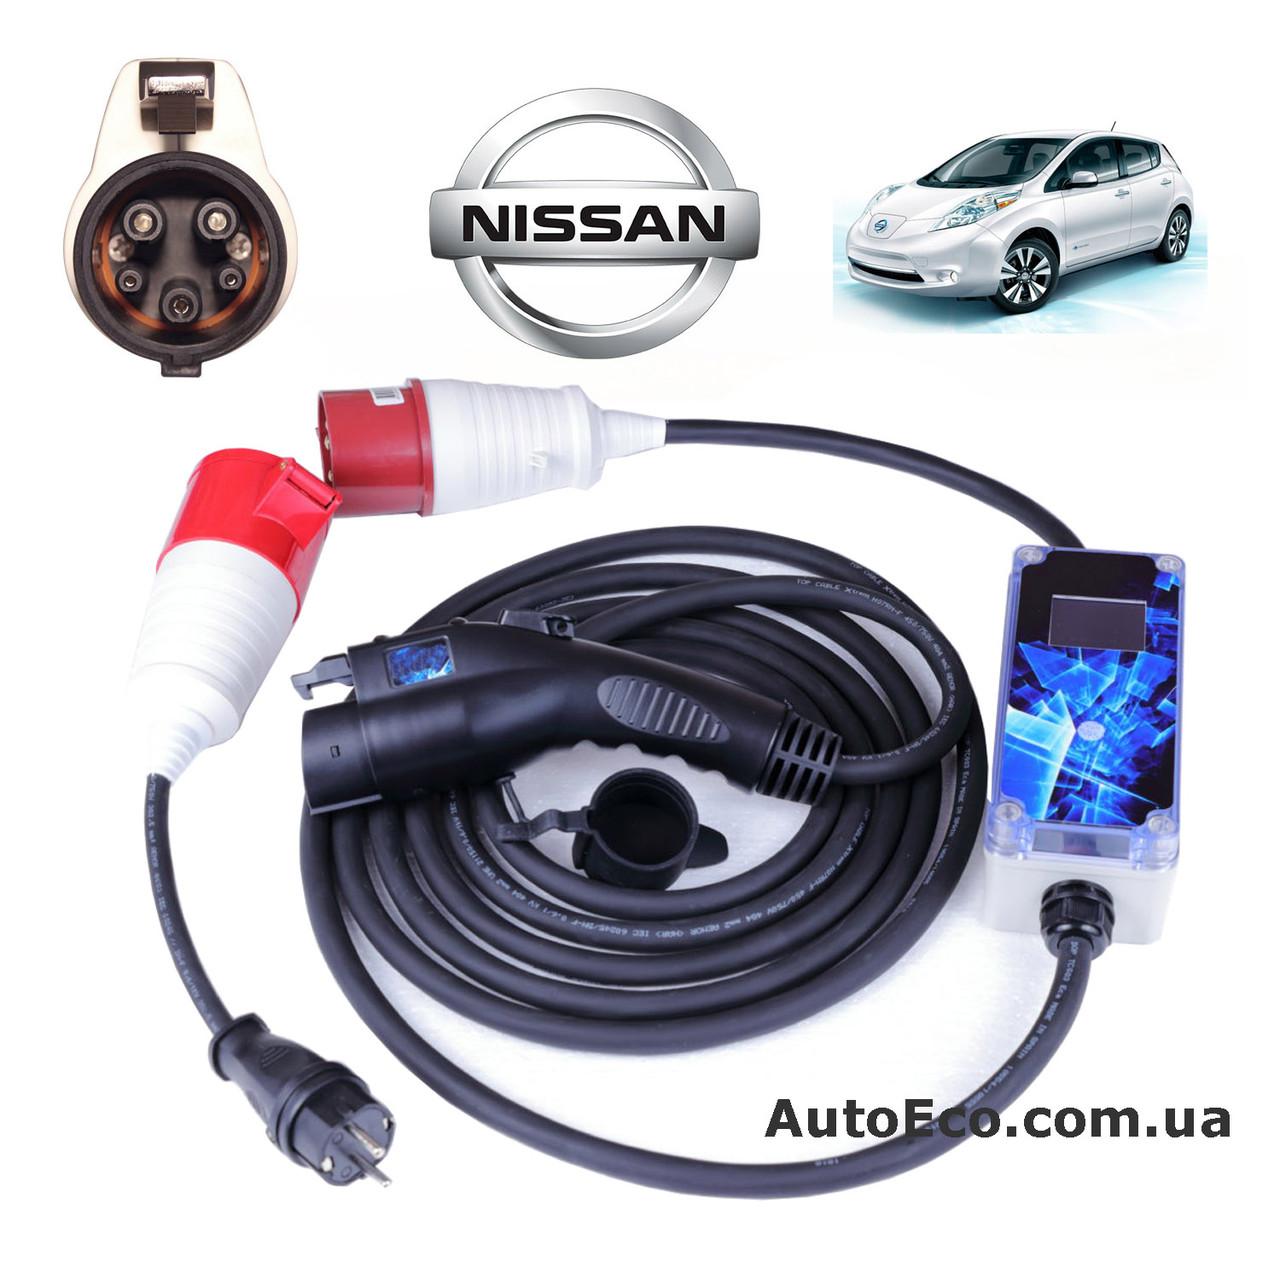 Зарядное устройство для электромобиля Nissan Leaf AutoEco J1772-32A-Wi-Fi